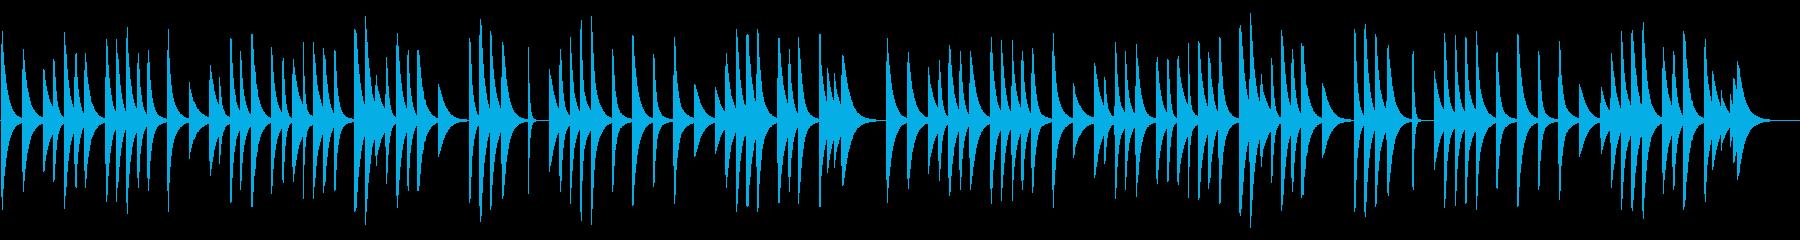 亡き王女のためのパヴァーヌ 18弁オルゴの再生済みの波形